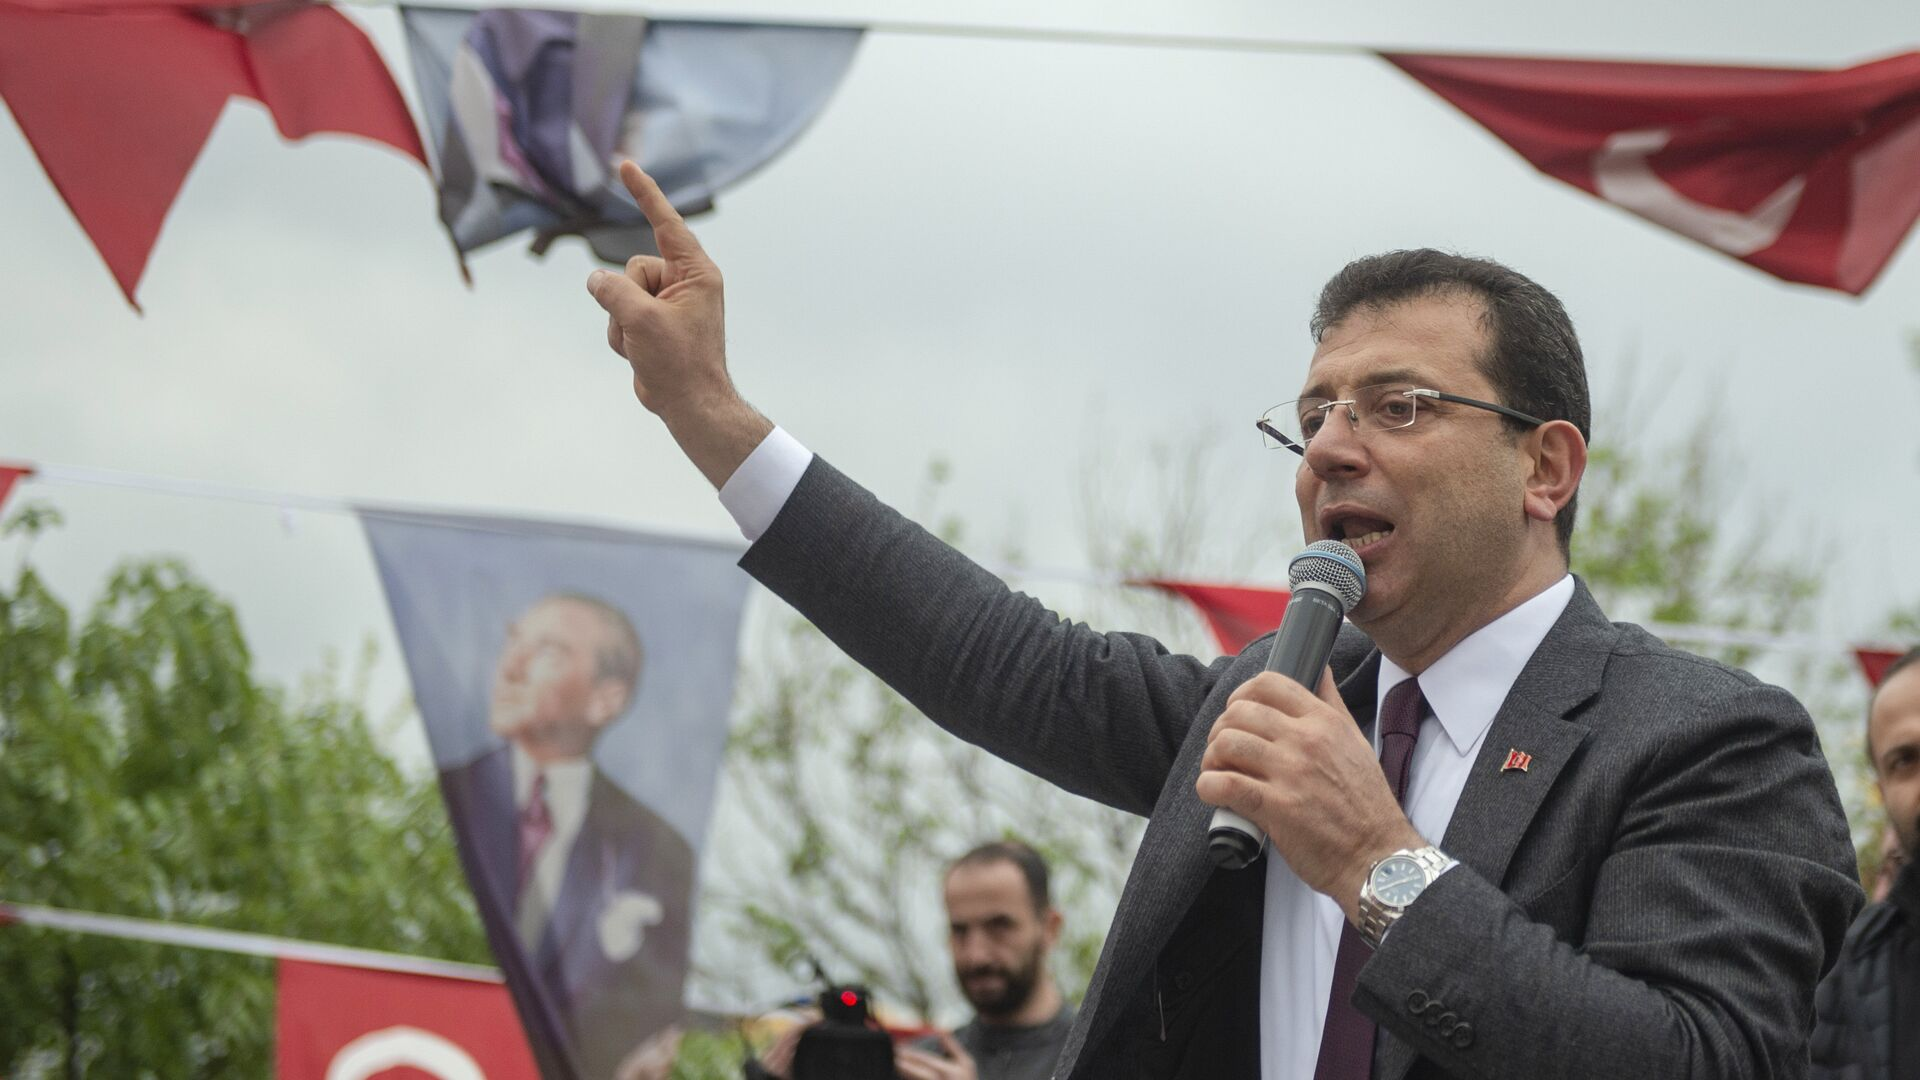 Ο υποψήφιος του Ρεπουμπλικανικού Λαϊκού Κόμματος (CHP) Εκρέμ Ιμάμογλου. - Sputnik Ελλάδα, 1920, 20.09.2021